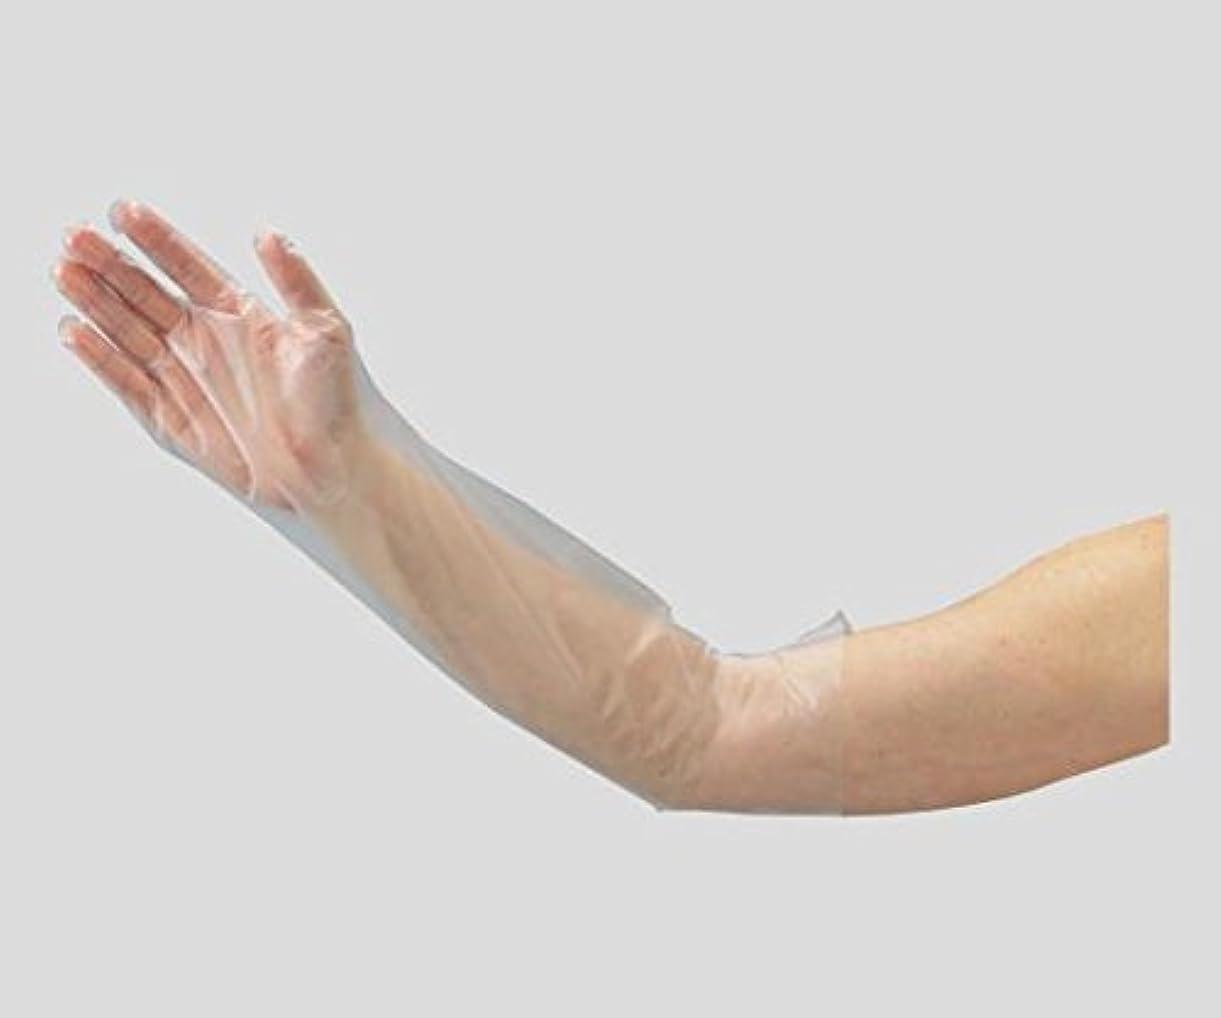 2-9757-01ポリエチレンロング手袋(ひじピタ)S100枚入